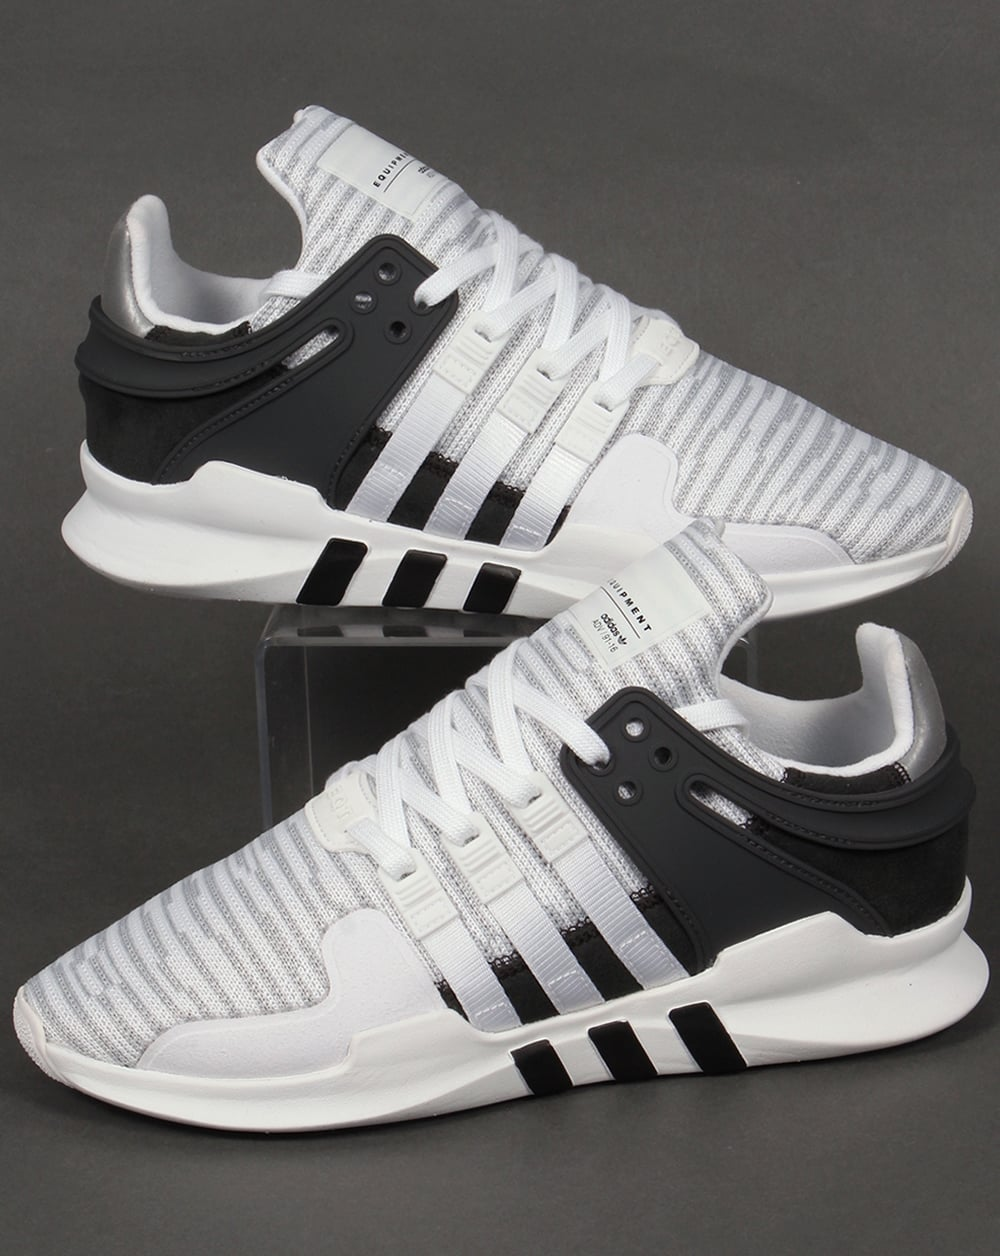 Adidas Eqt White Black